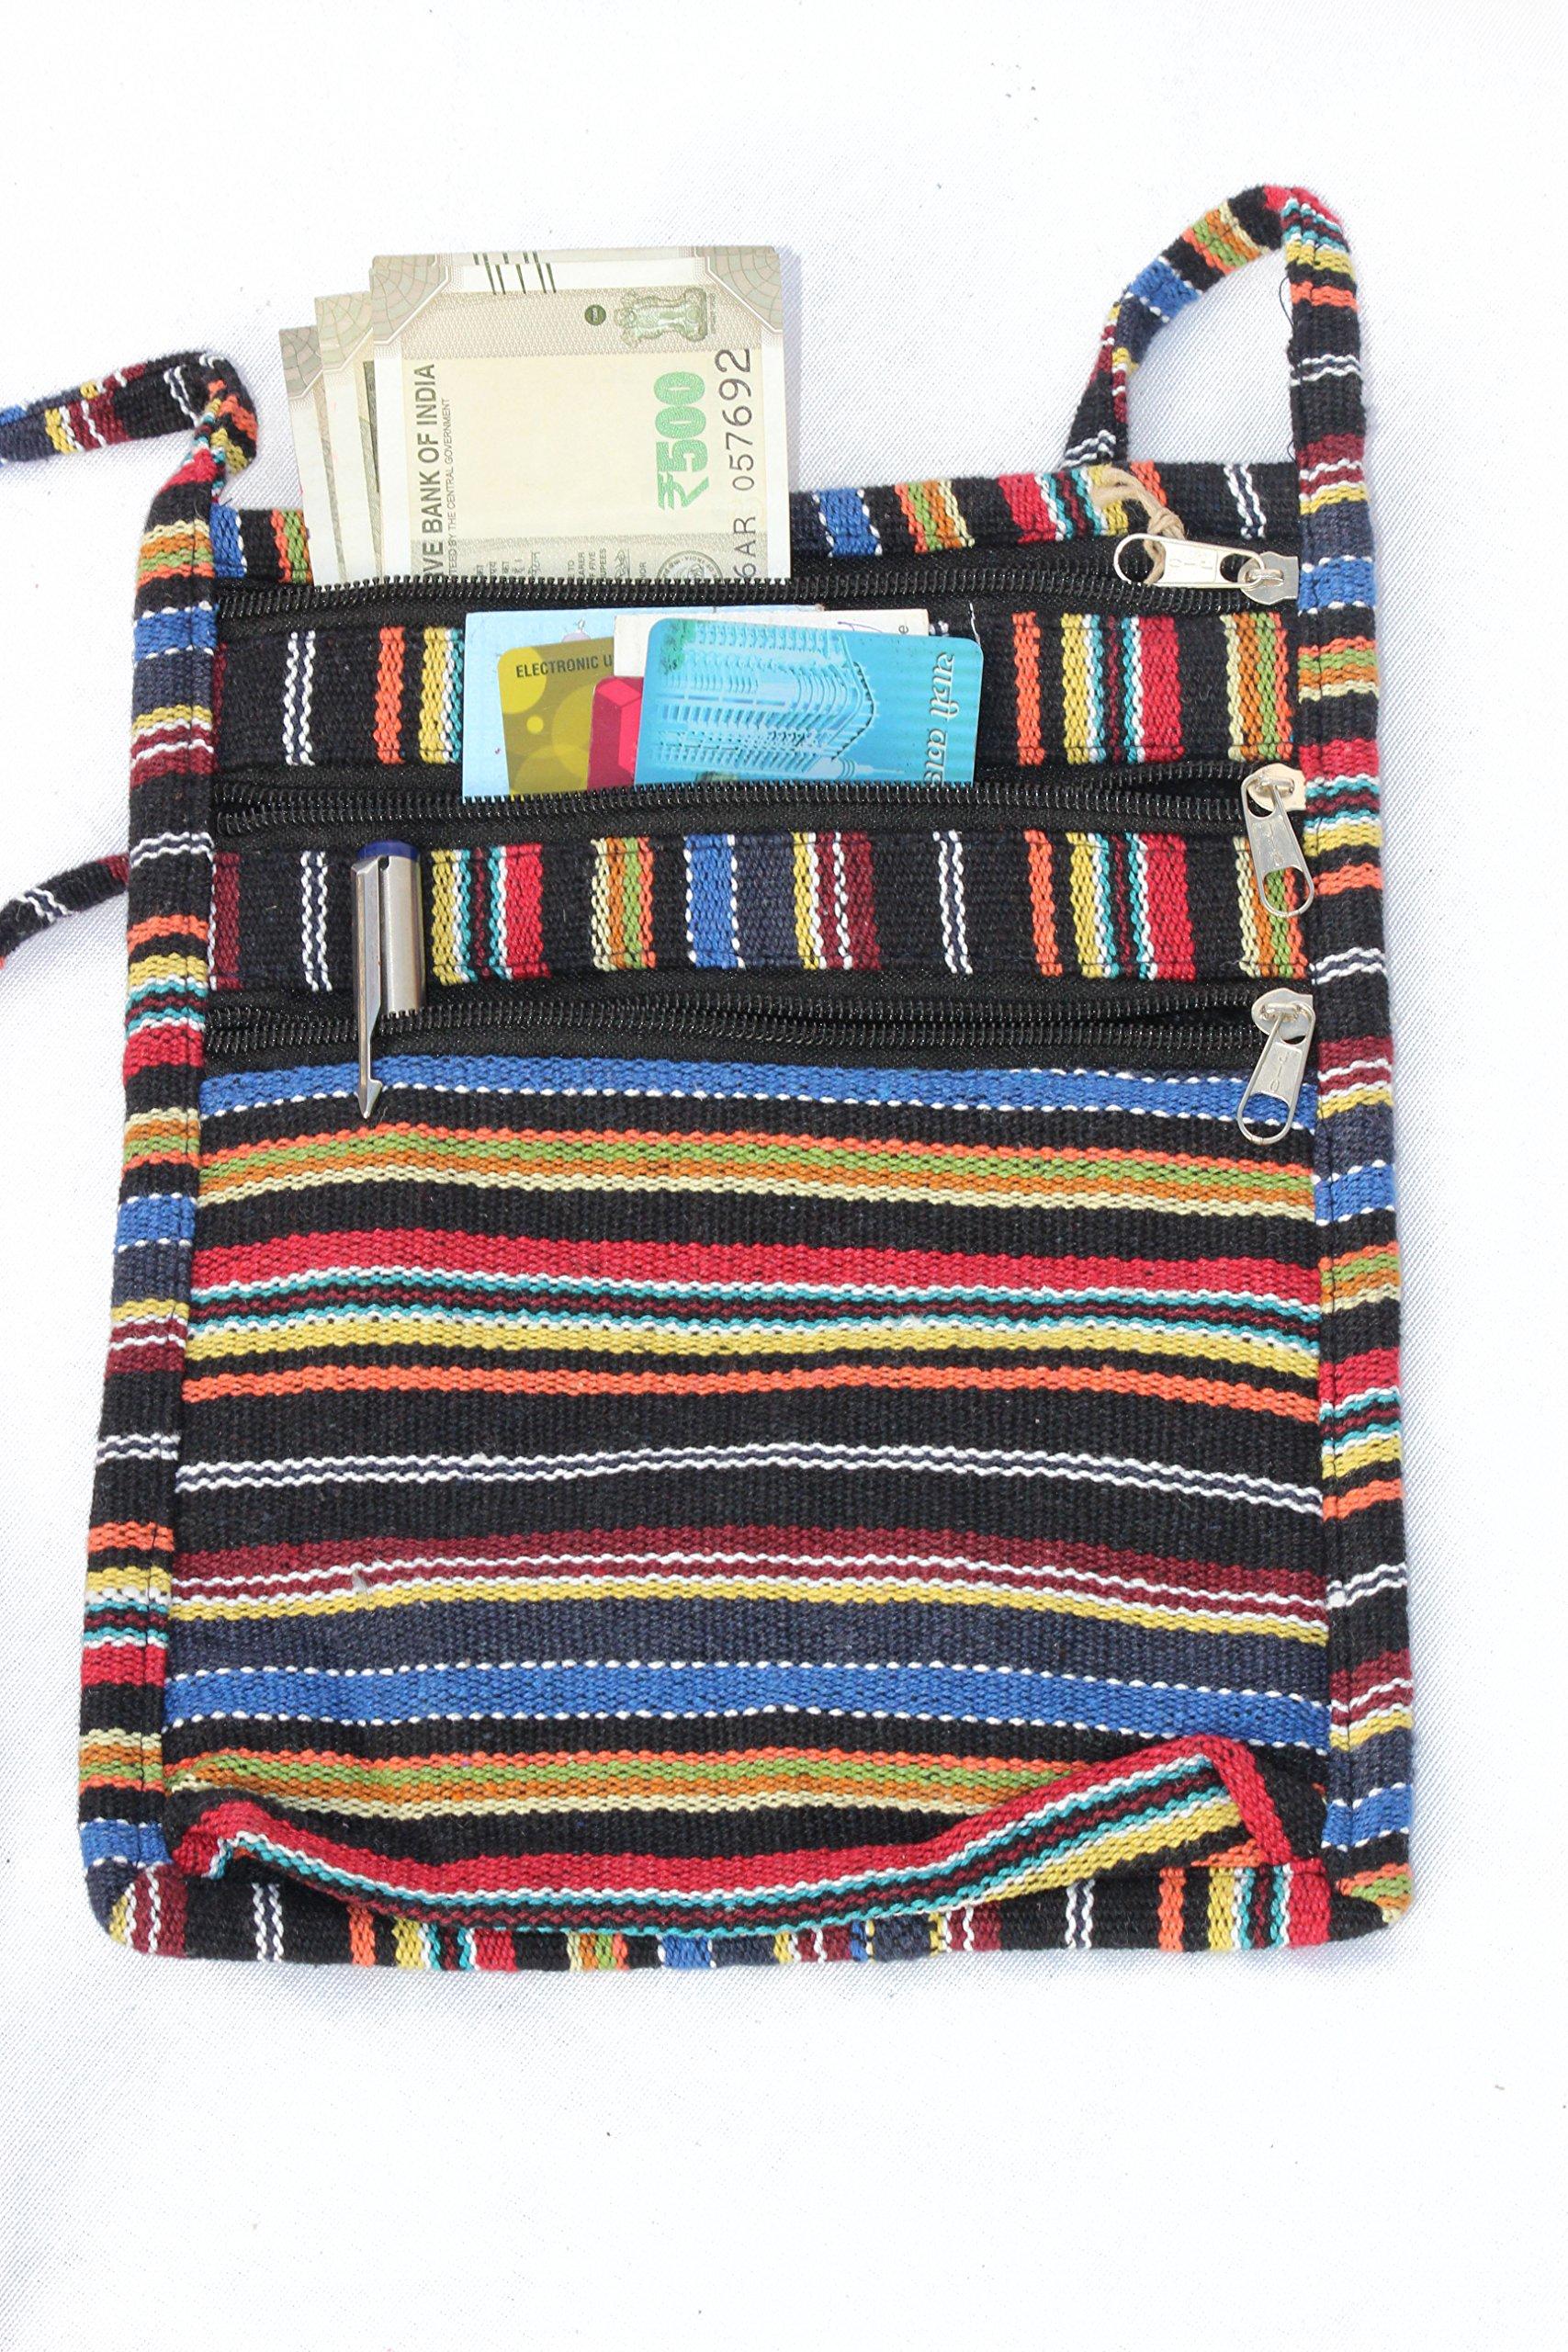 TRIBESMANGOLD-- Travel Wallet Messenger Bag Hidden Money Pouch & Neck Passport Holder